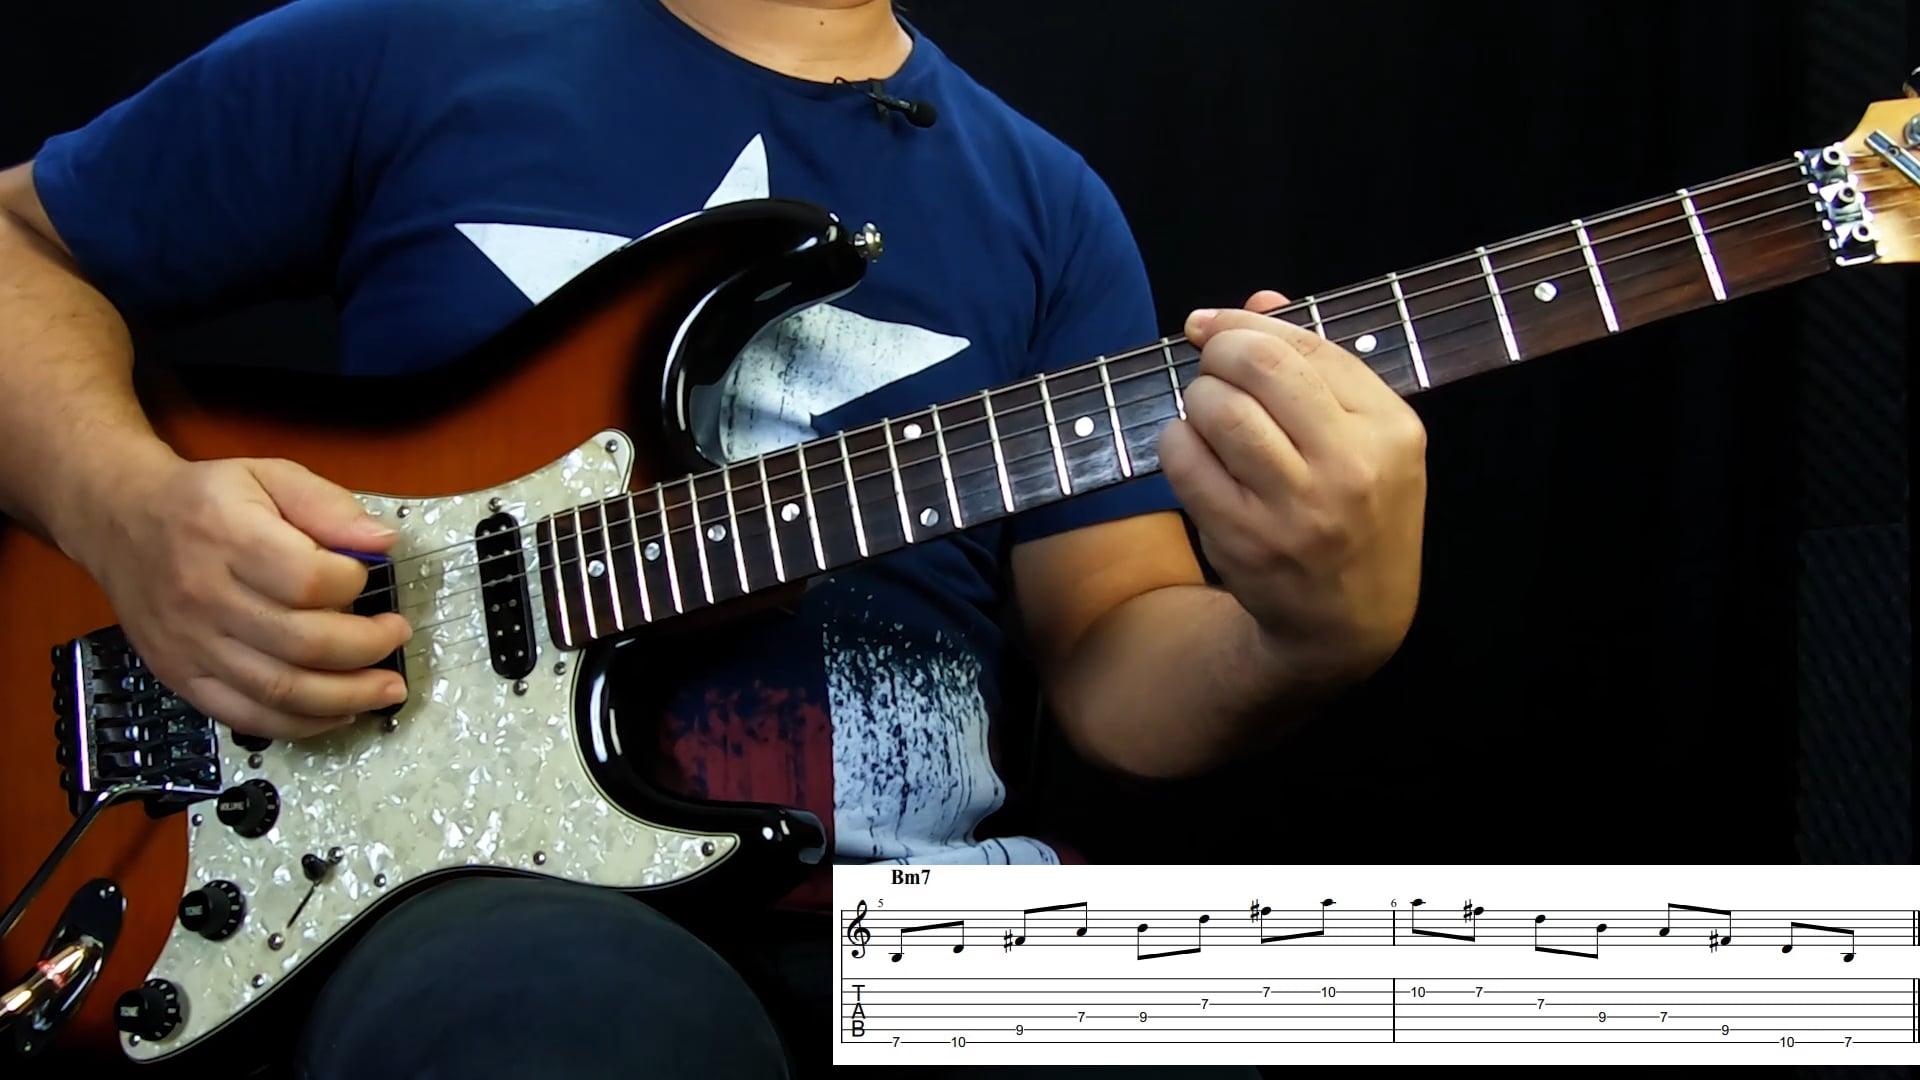 Arpejos Tétrades - Campo harmônico maior G (6ª Corda)